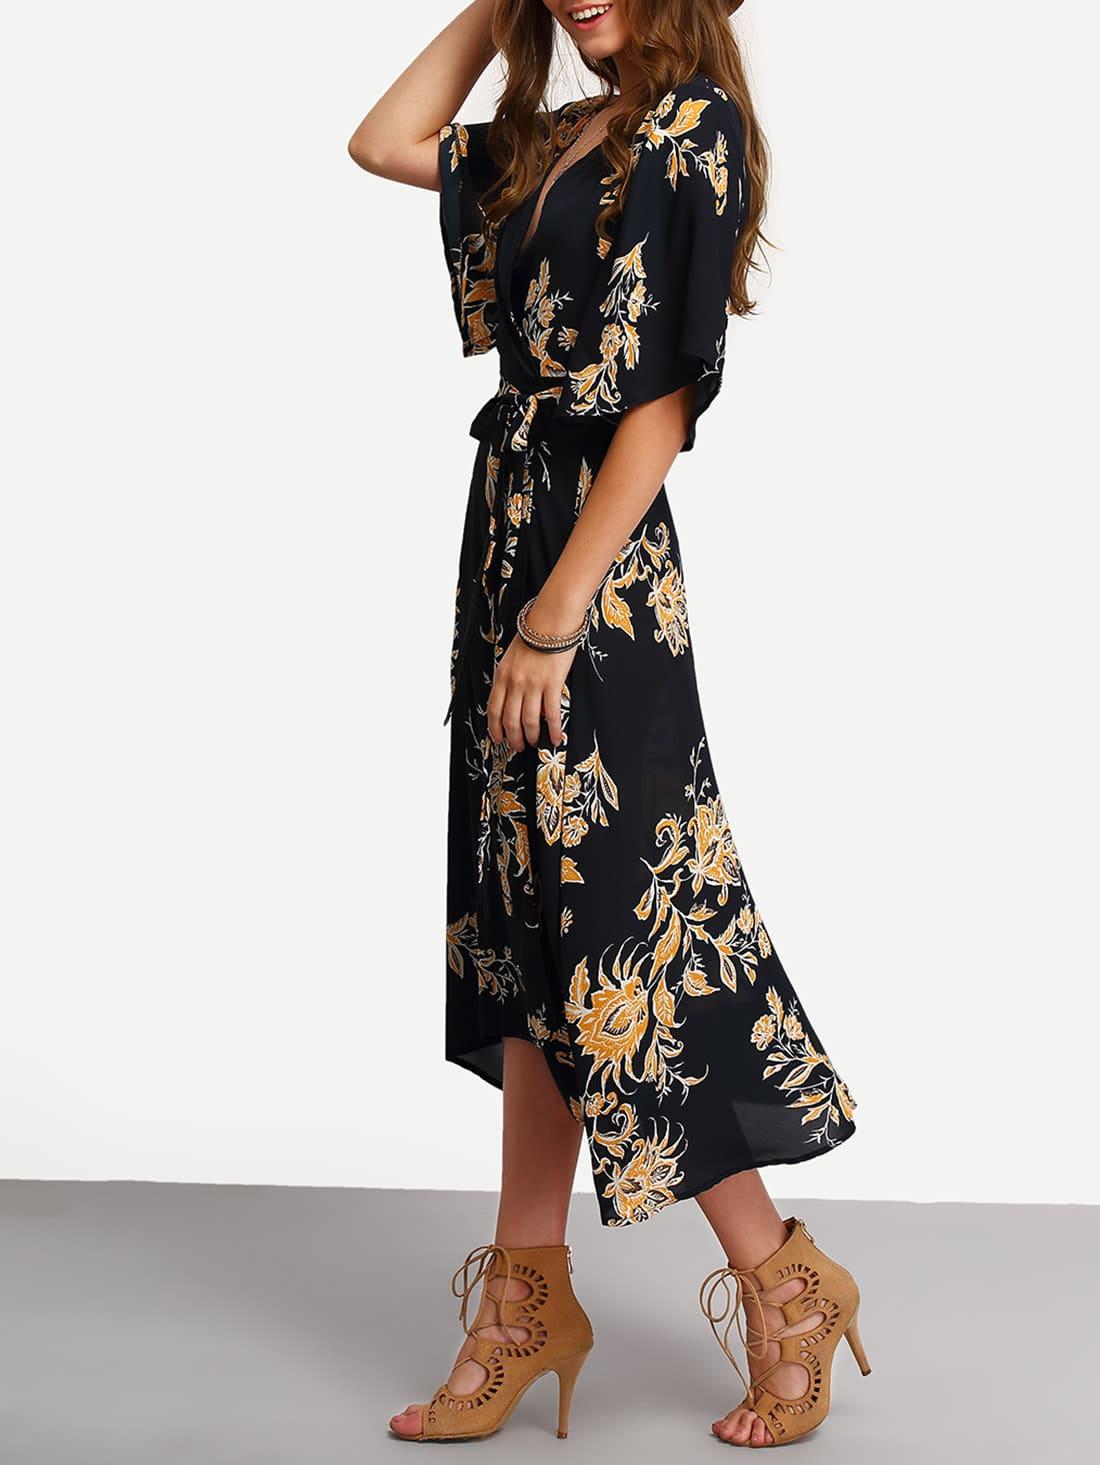 Kleid gewickelt mit VAusschnitt und Blumenmuster lässig schwarz  SHEIN